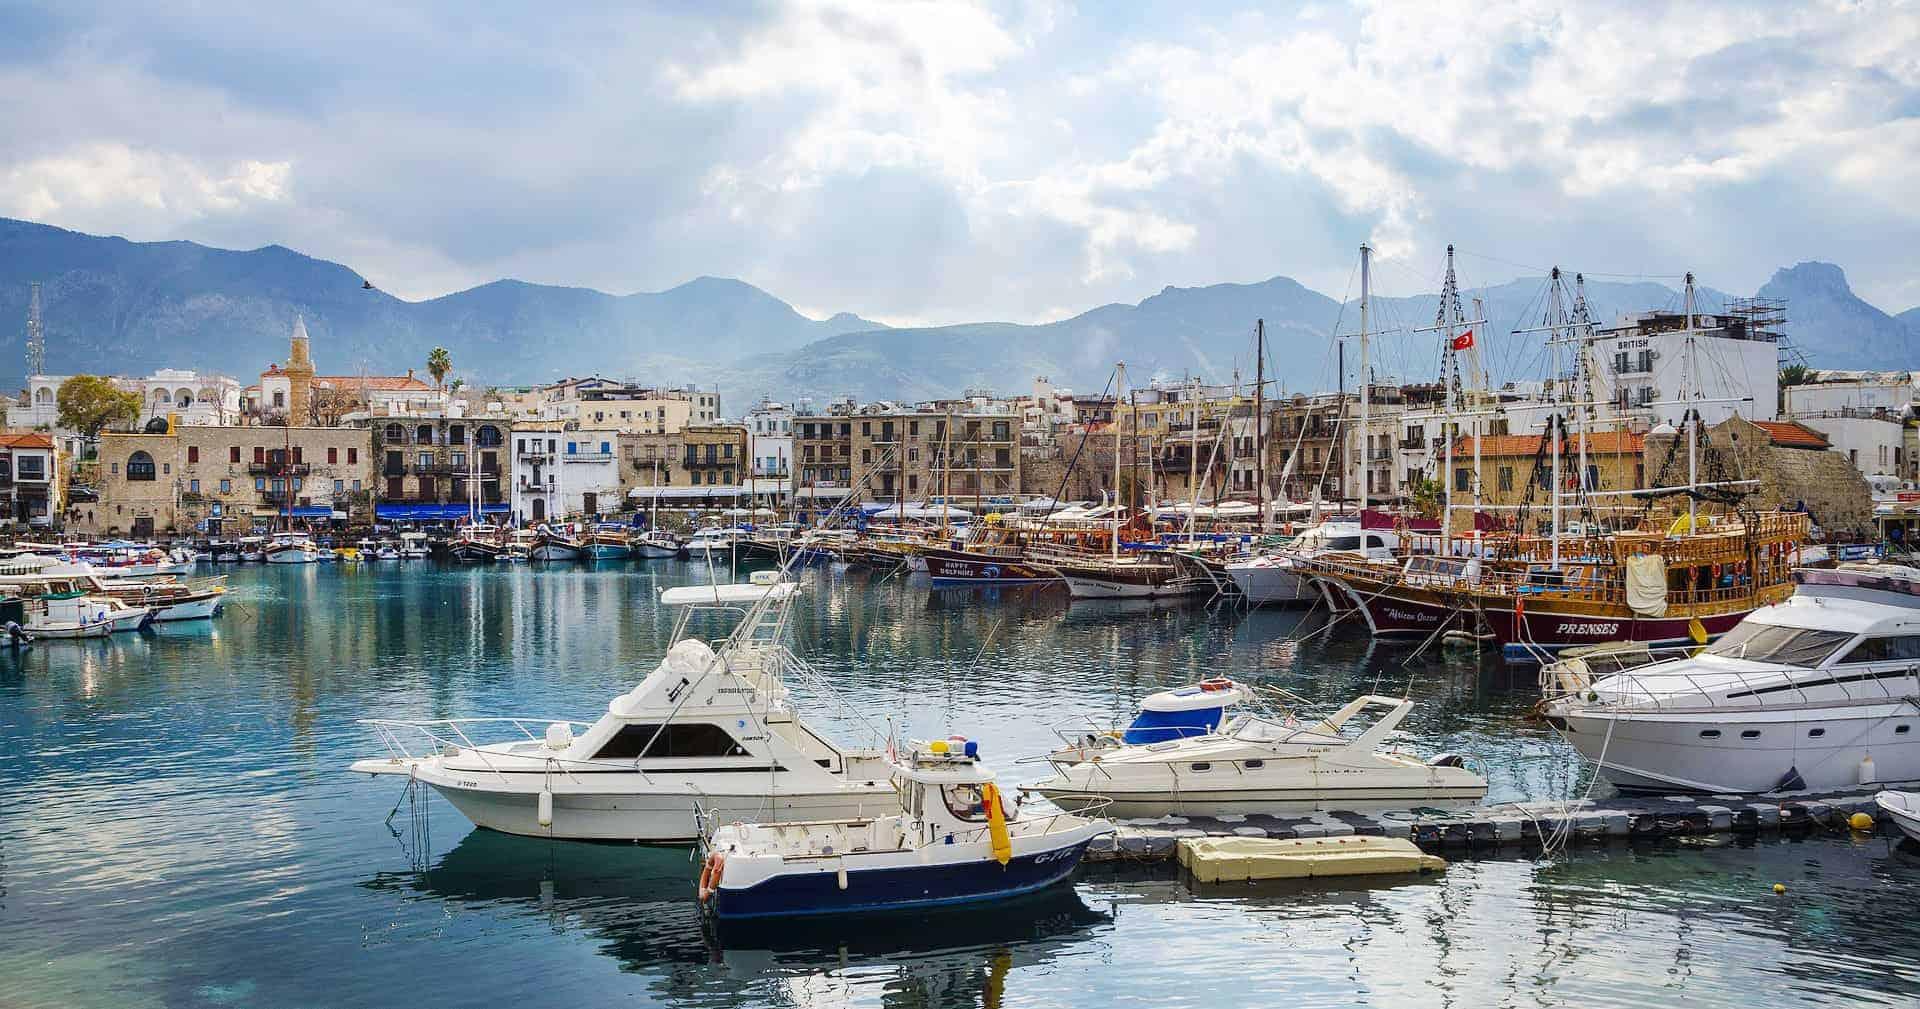 Kyrenia reisdit.no